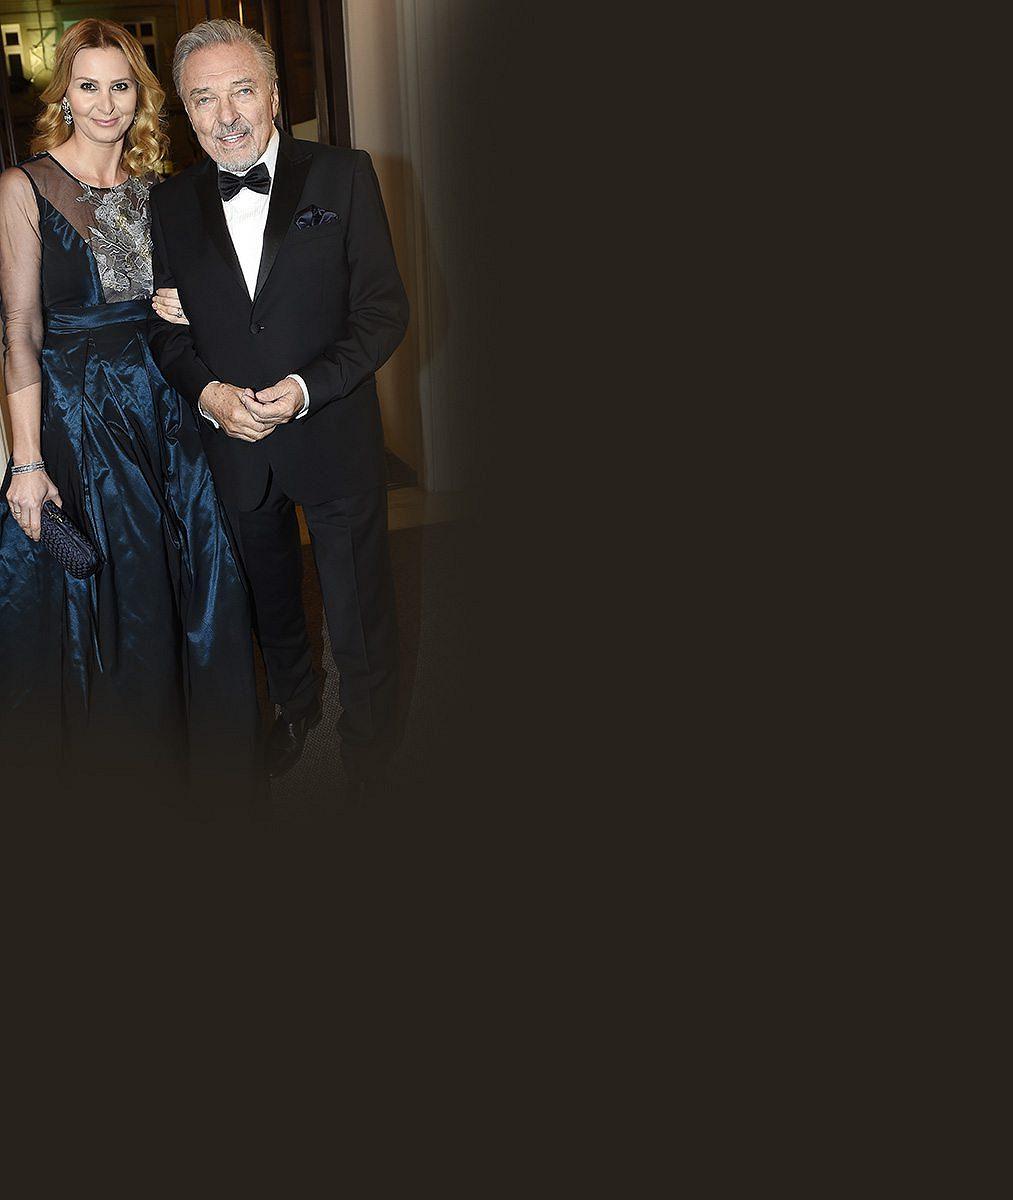 Jsem šťastný, že tě mám: Podívejte se, jak Karel Gott 10 let po svatbě vyznal lásku své manželce Ivance